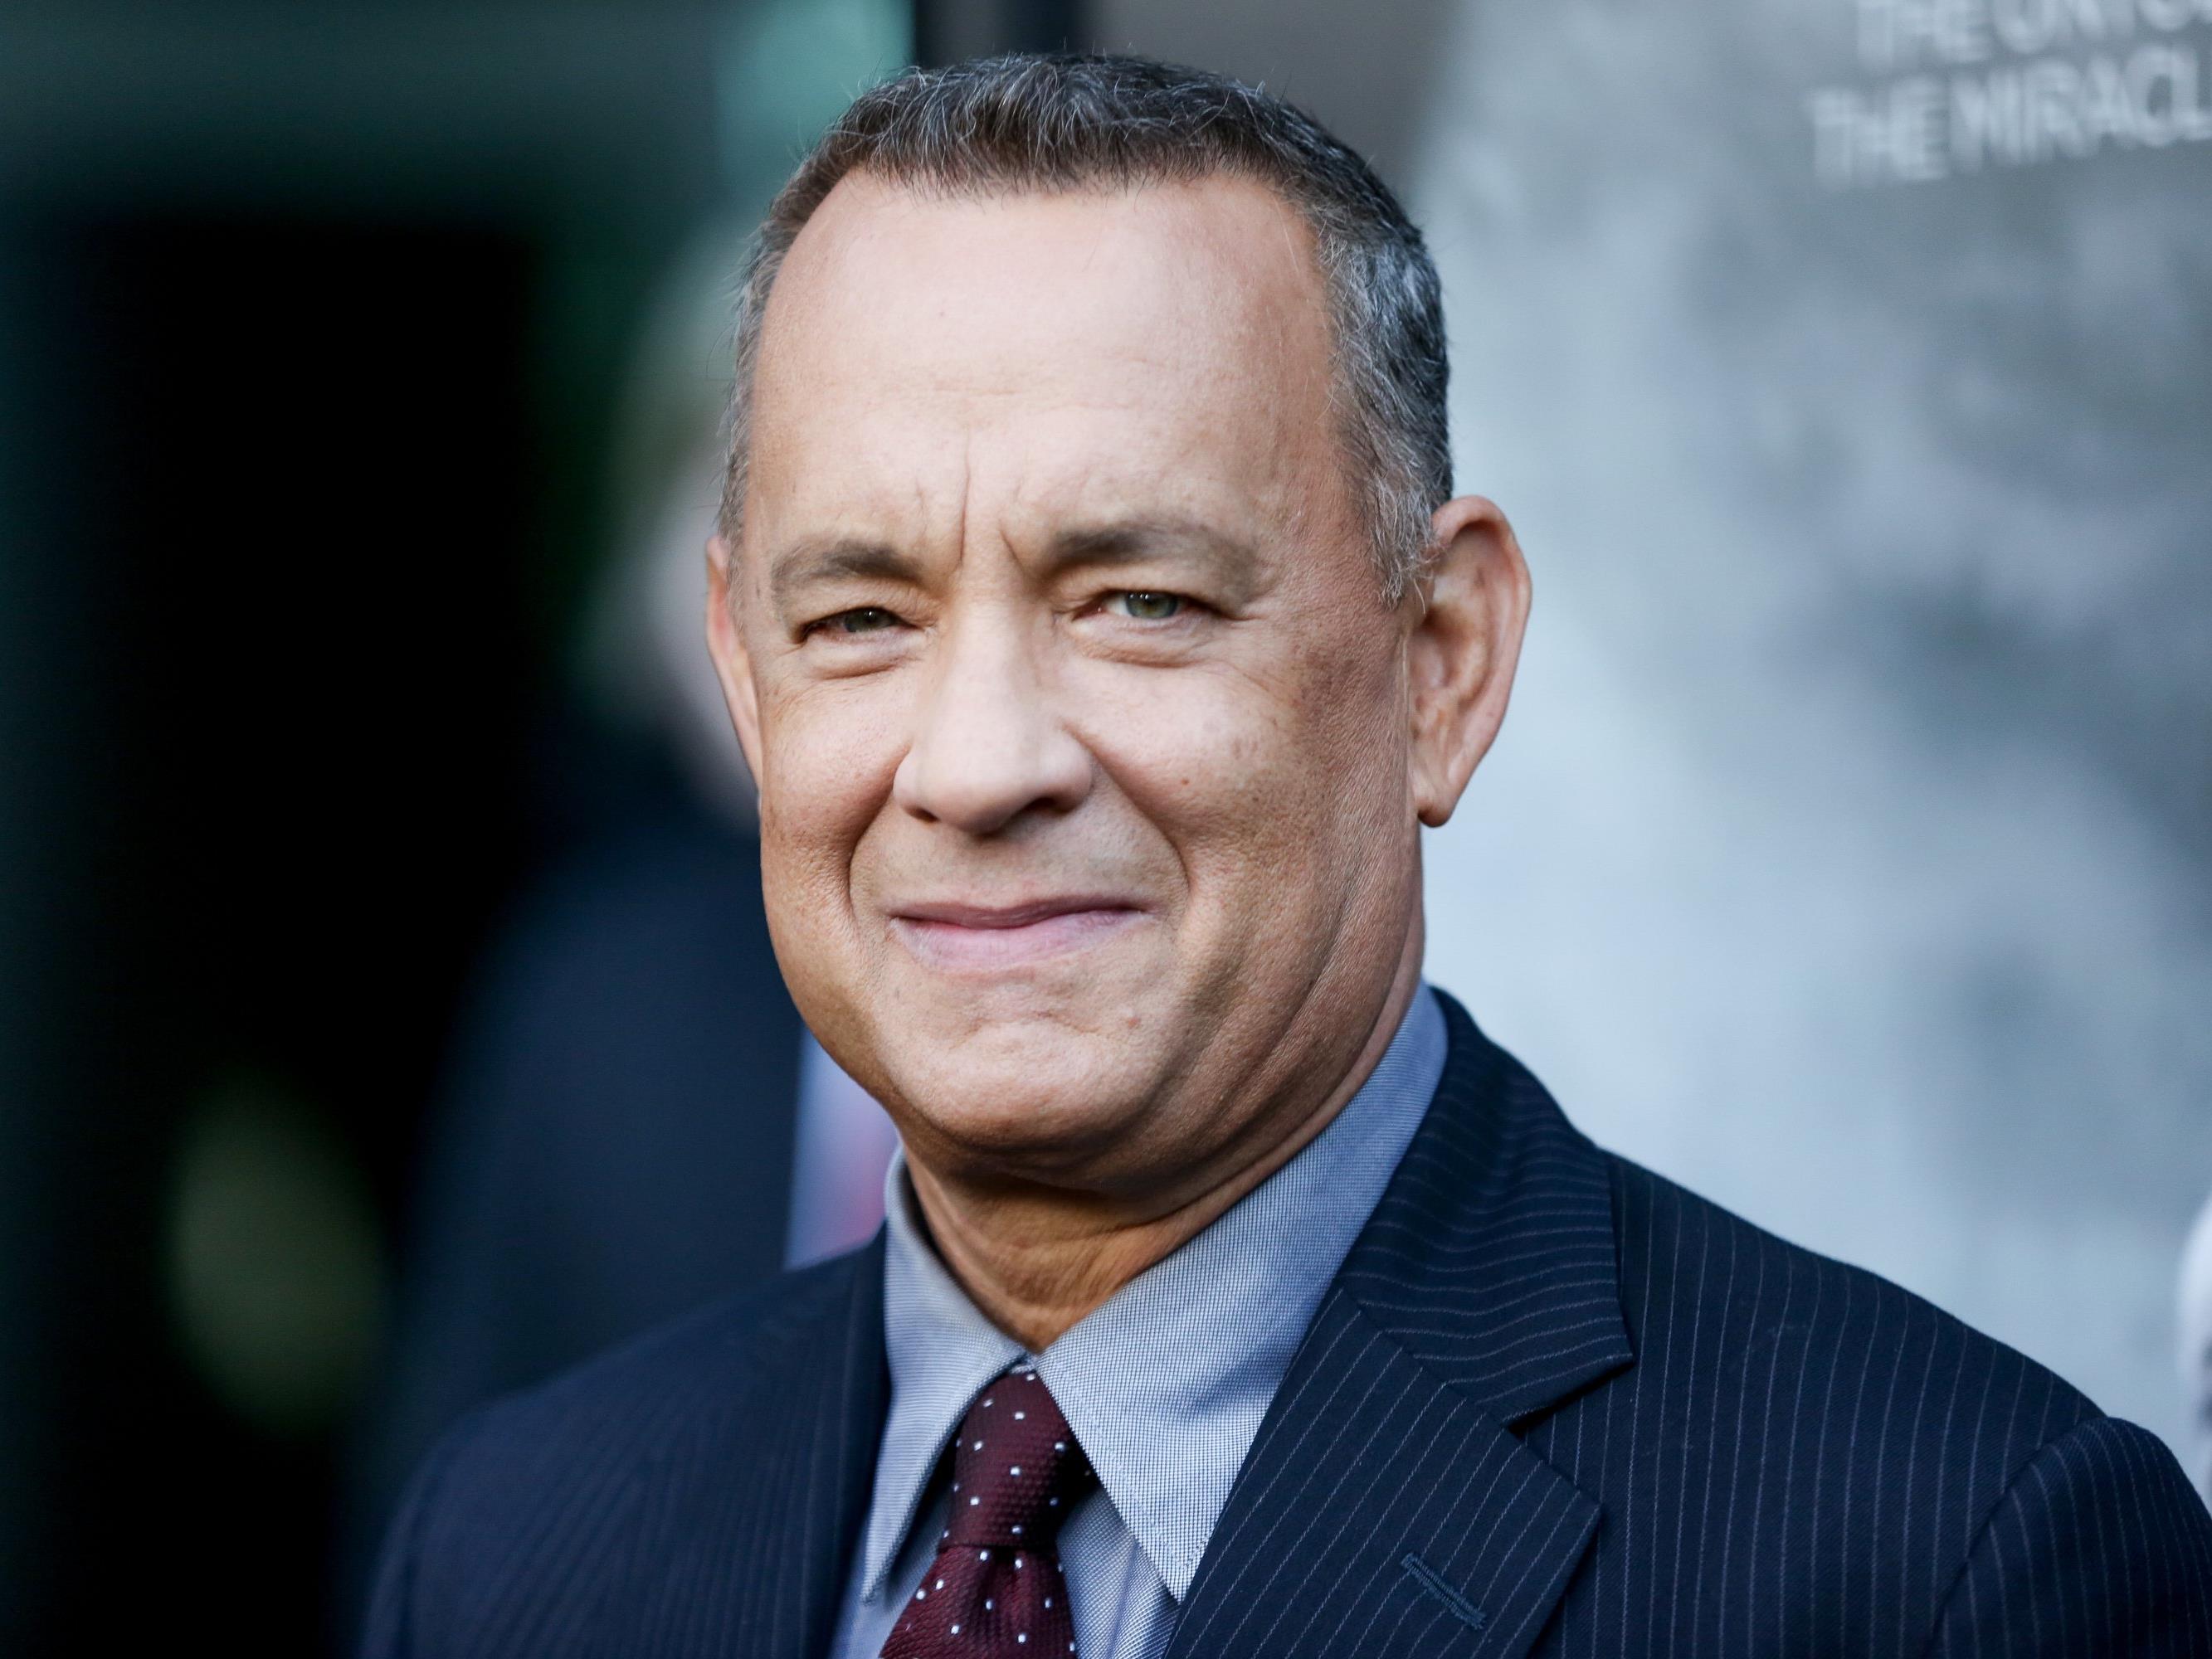 Tom Hanks überraschte ein Brautpaar beim Fotoshooting